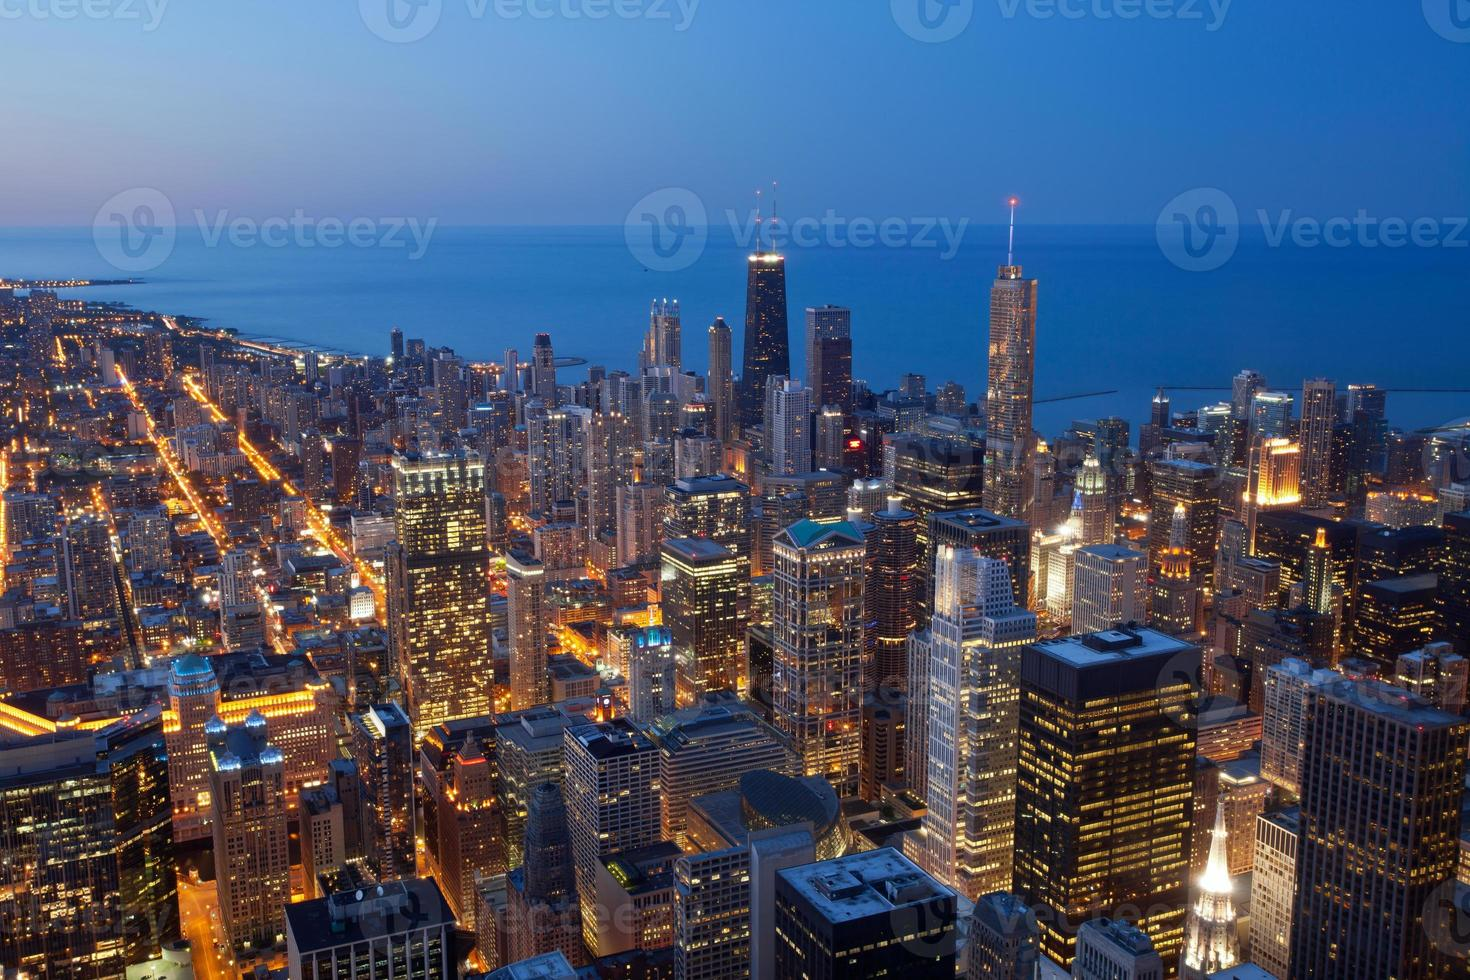 stad Chicago. foto